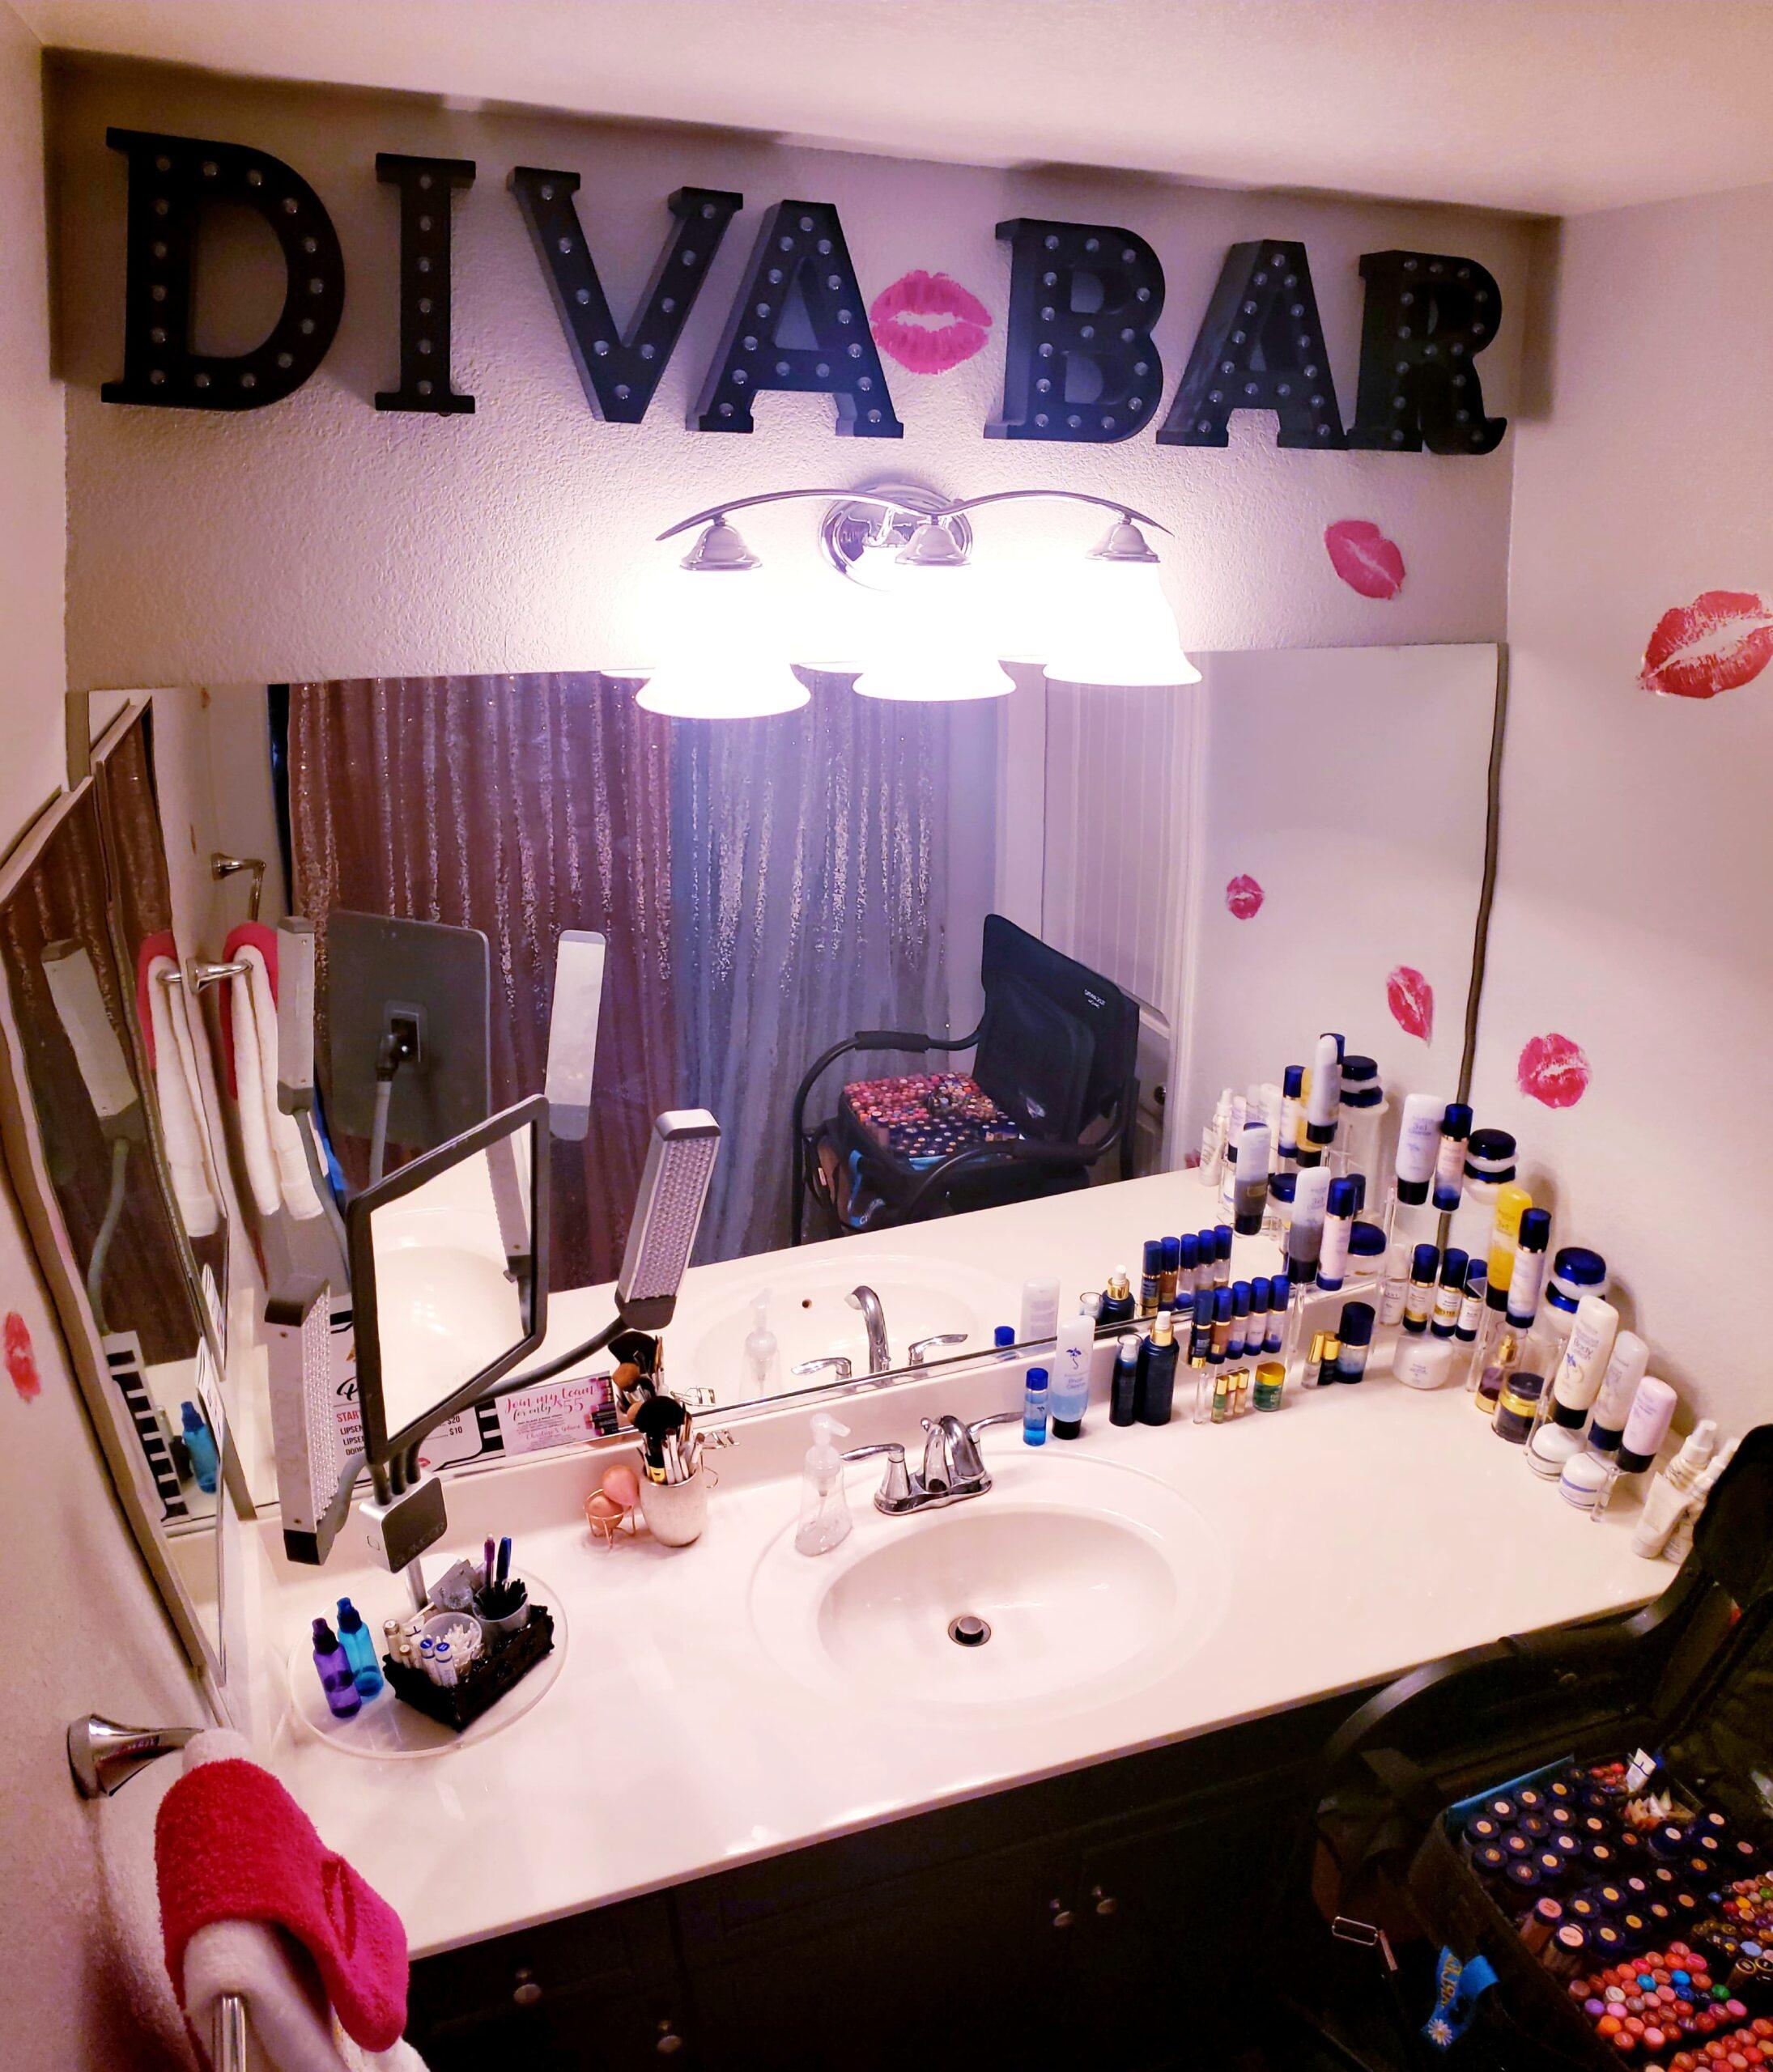 Diva Bar